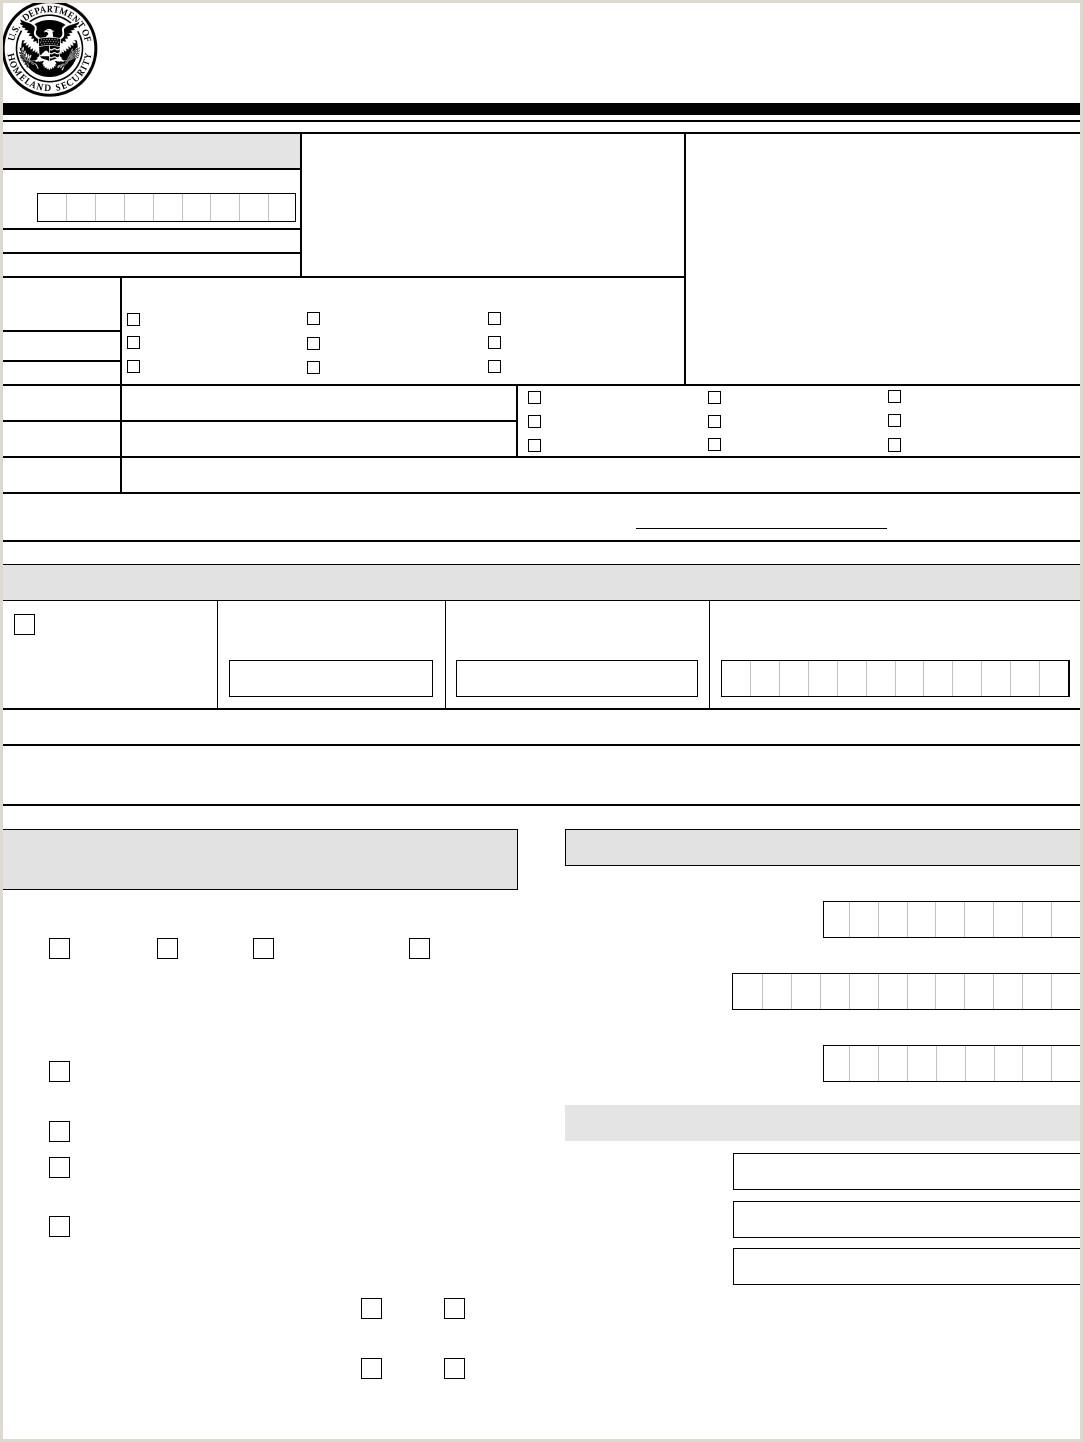 Form I130 I Instructions Mailing Address I130a Sample